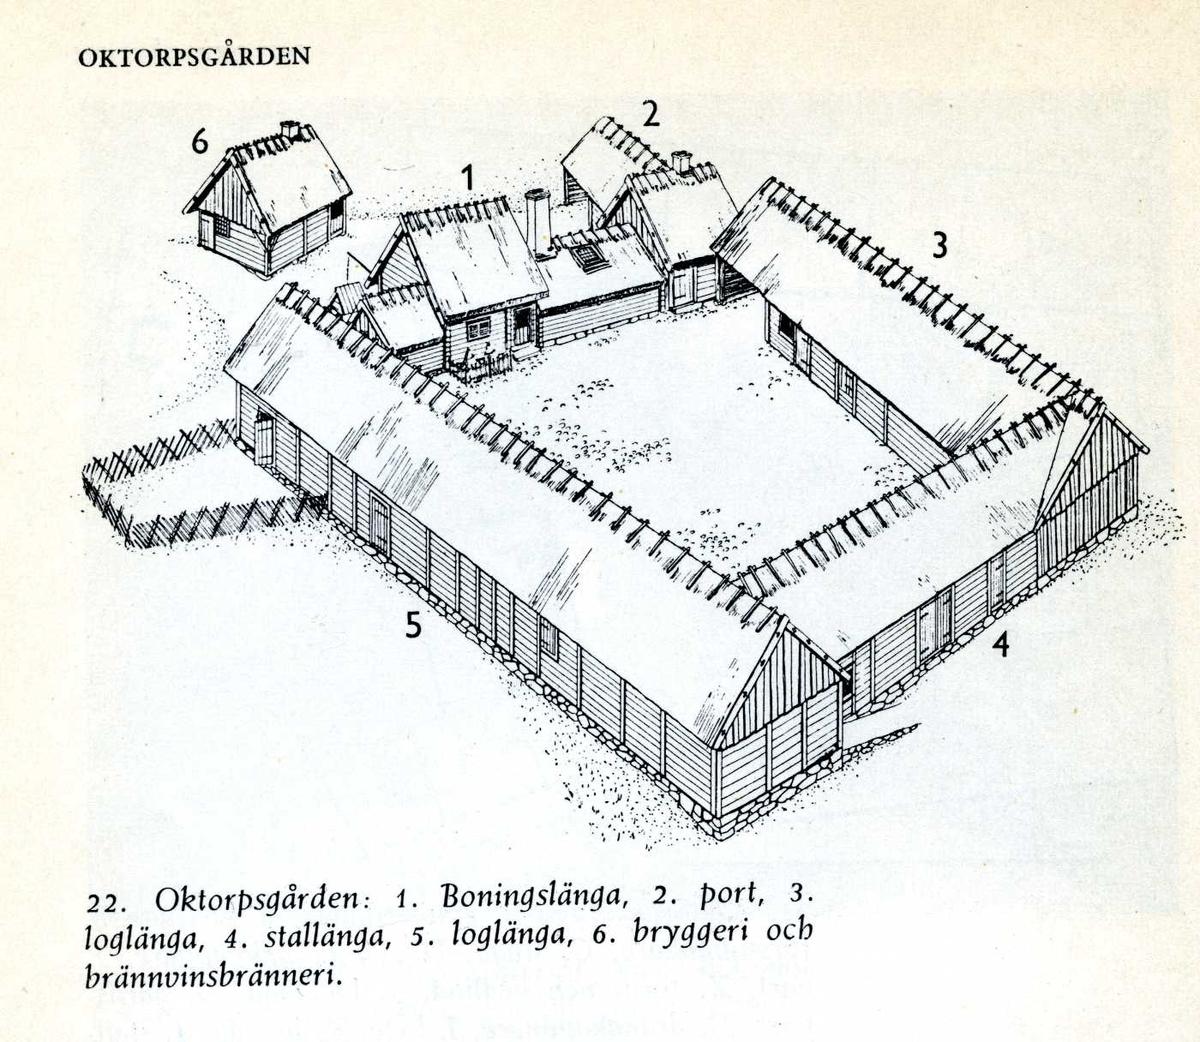 """Oktorpsgården från Slöinge socken i södra Halland flyttades till Skansen 1896 och var den första gård som i sin helhet uppfördes på Skansen. Gården är av """"sydsvensk"""" typ och är helt sluten. Gårdshusen är placerade så att stallängan ligger mitt emot boningslängan, medan loglängorna fyller ut de återstående två sidorna. En stor inkörsport är placerad mellan boningslängan i norr och östra loglängan. Dessutom finns två mindre gångportar, en bredvid inkörsporten och en mellan vedboden och svinstian, vid andra ändan av boningslängan. Hela gårdsplanen är stensatt med kullersten. På Oktorpsgården finns en boningslänga, en port, två loglängor, en stallänga samt ett brygghus. Byggnaderna är ursprungligen uppförda under 1700- och 1800-talet."""